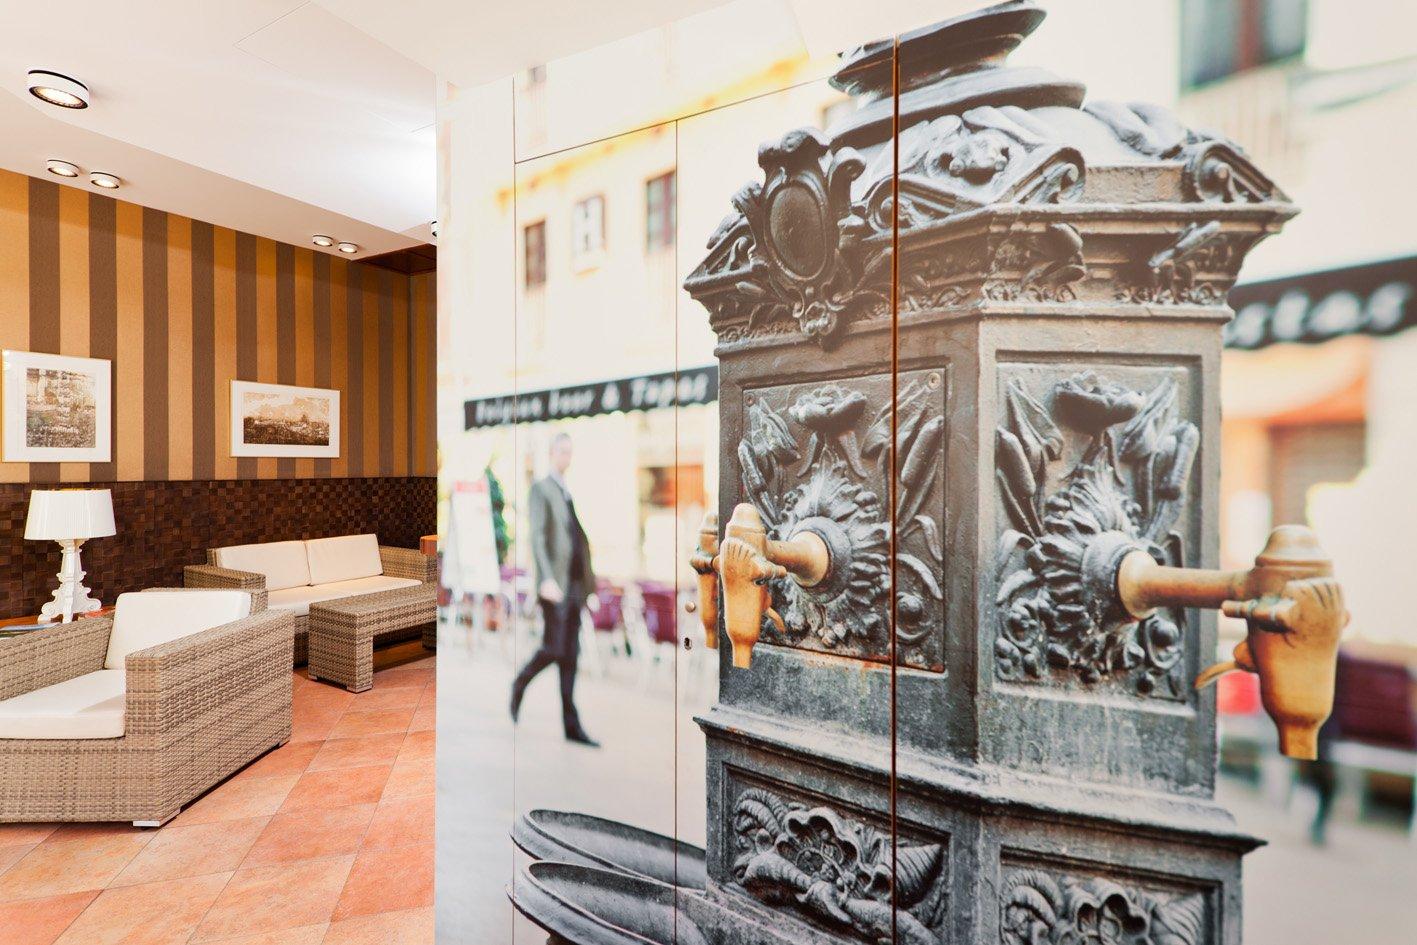 hotel_la_fontnombre_del_documento_19-e8fb1713f16aa61046c8787acd290c1c